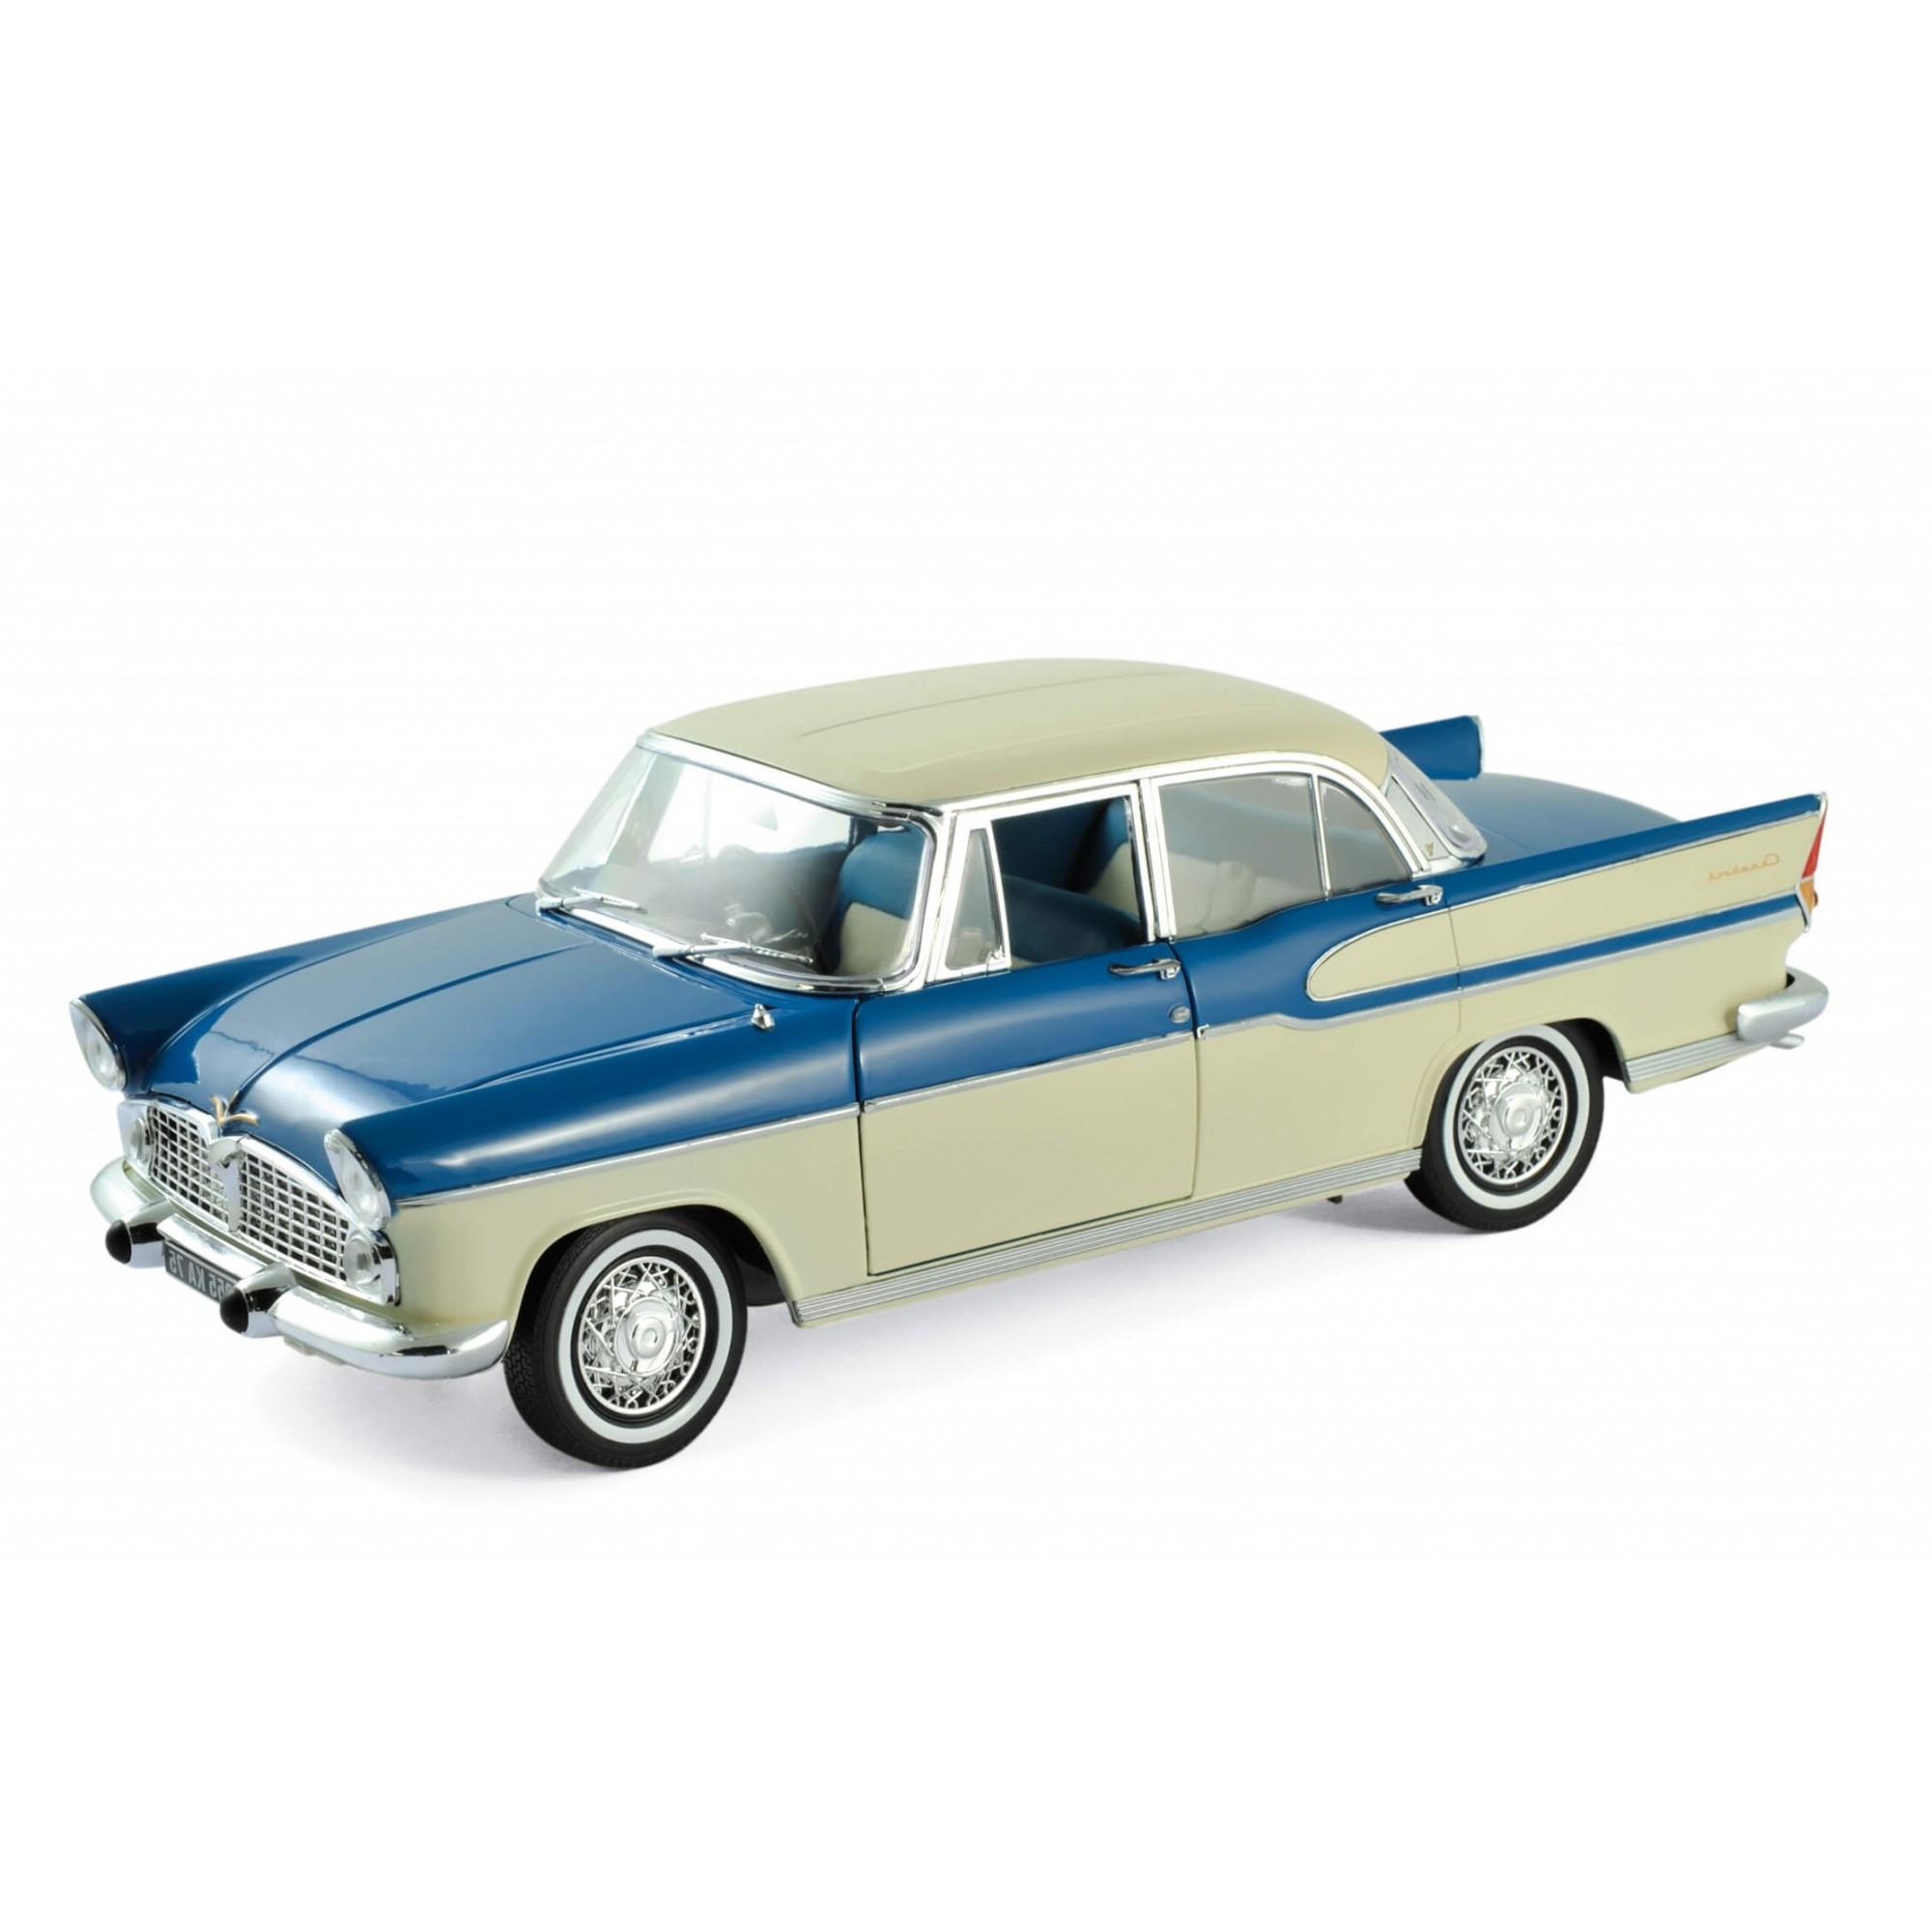 Miniatura Simca Vedette Chambord 1960 1/18 Norev